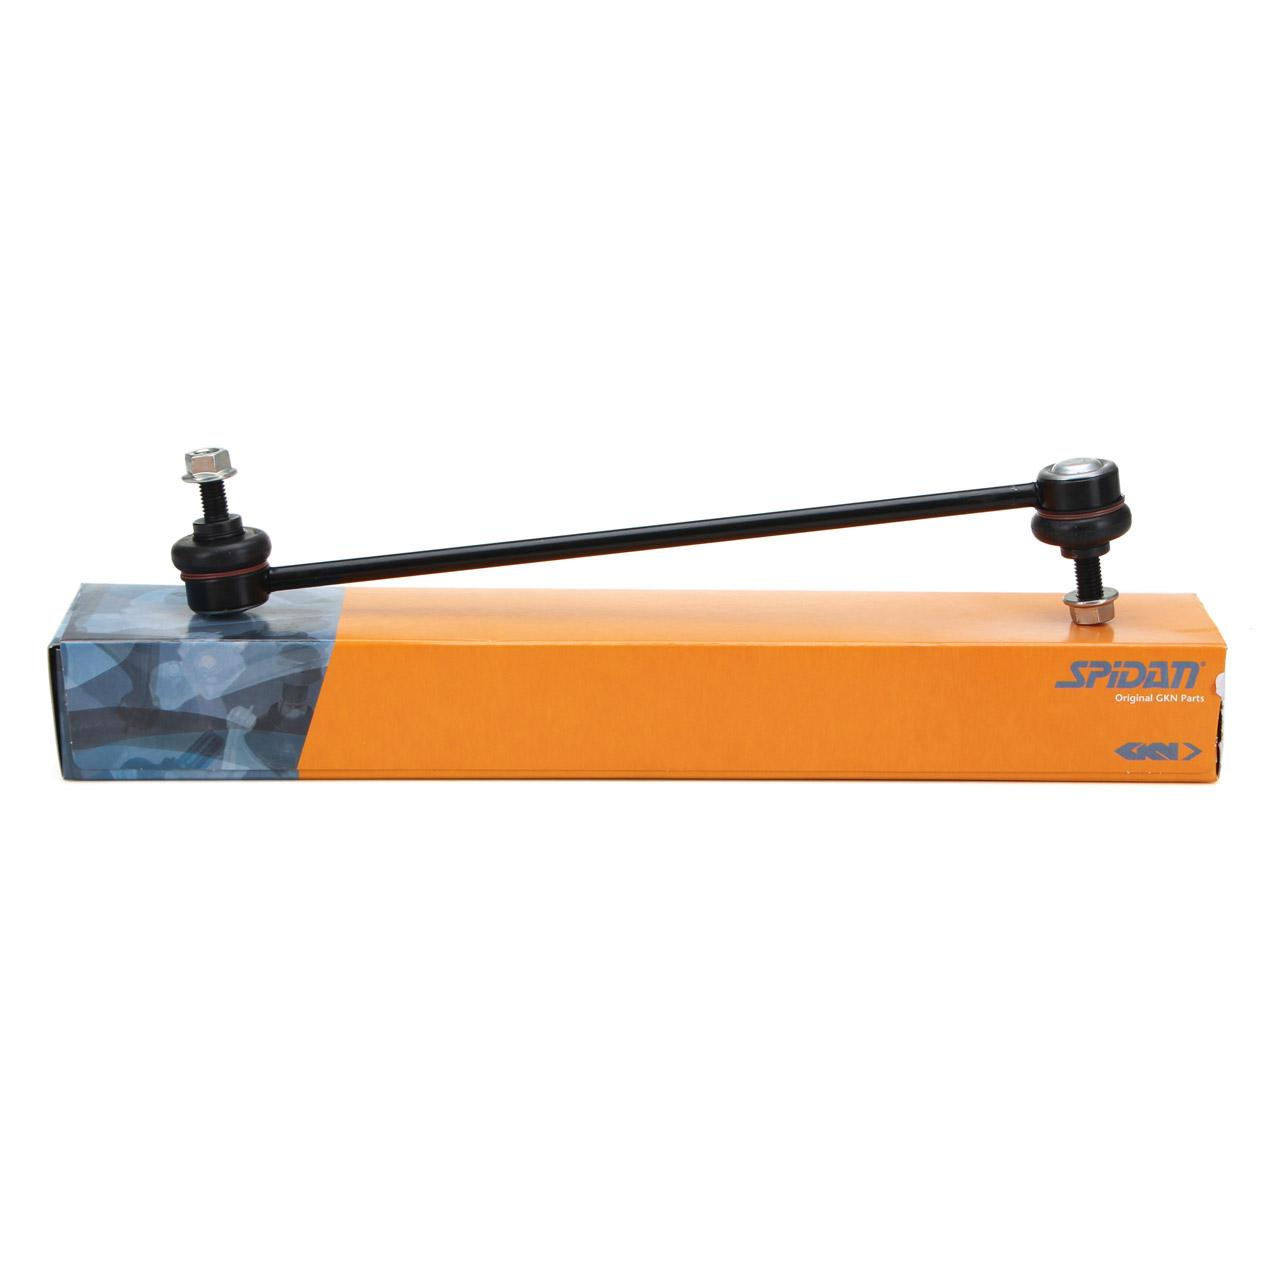 SPIDAN Koppelstange Pendelstütze für FIAT PANDA/CLASSIC + PANDA Van (169_) vorne